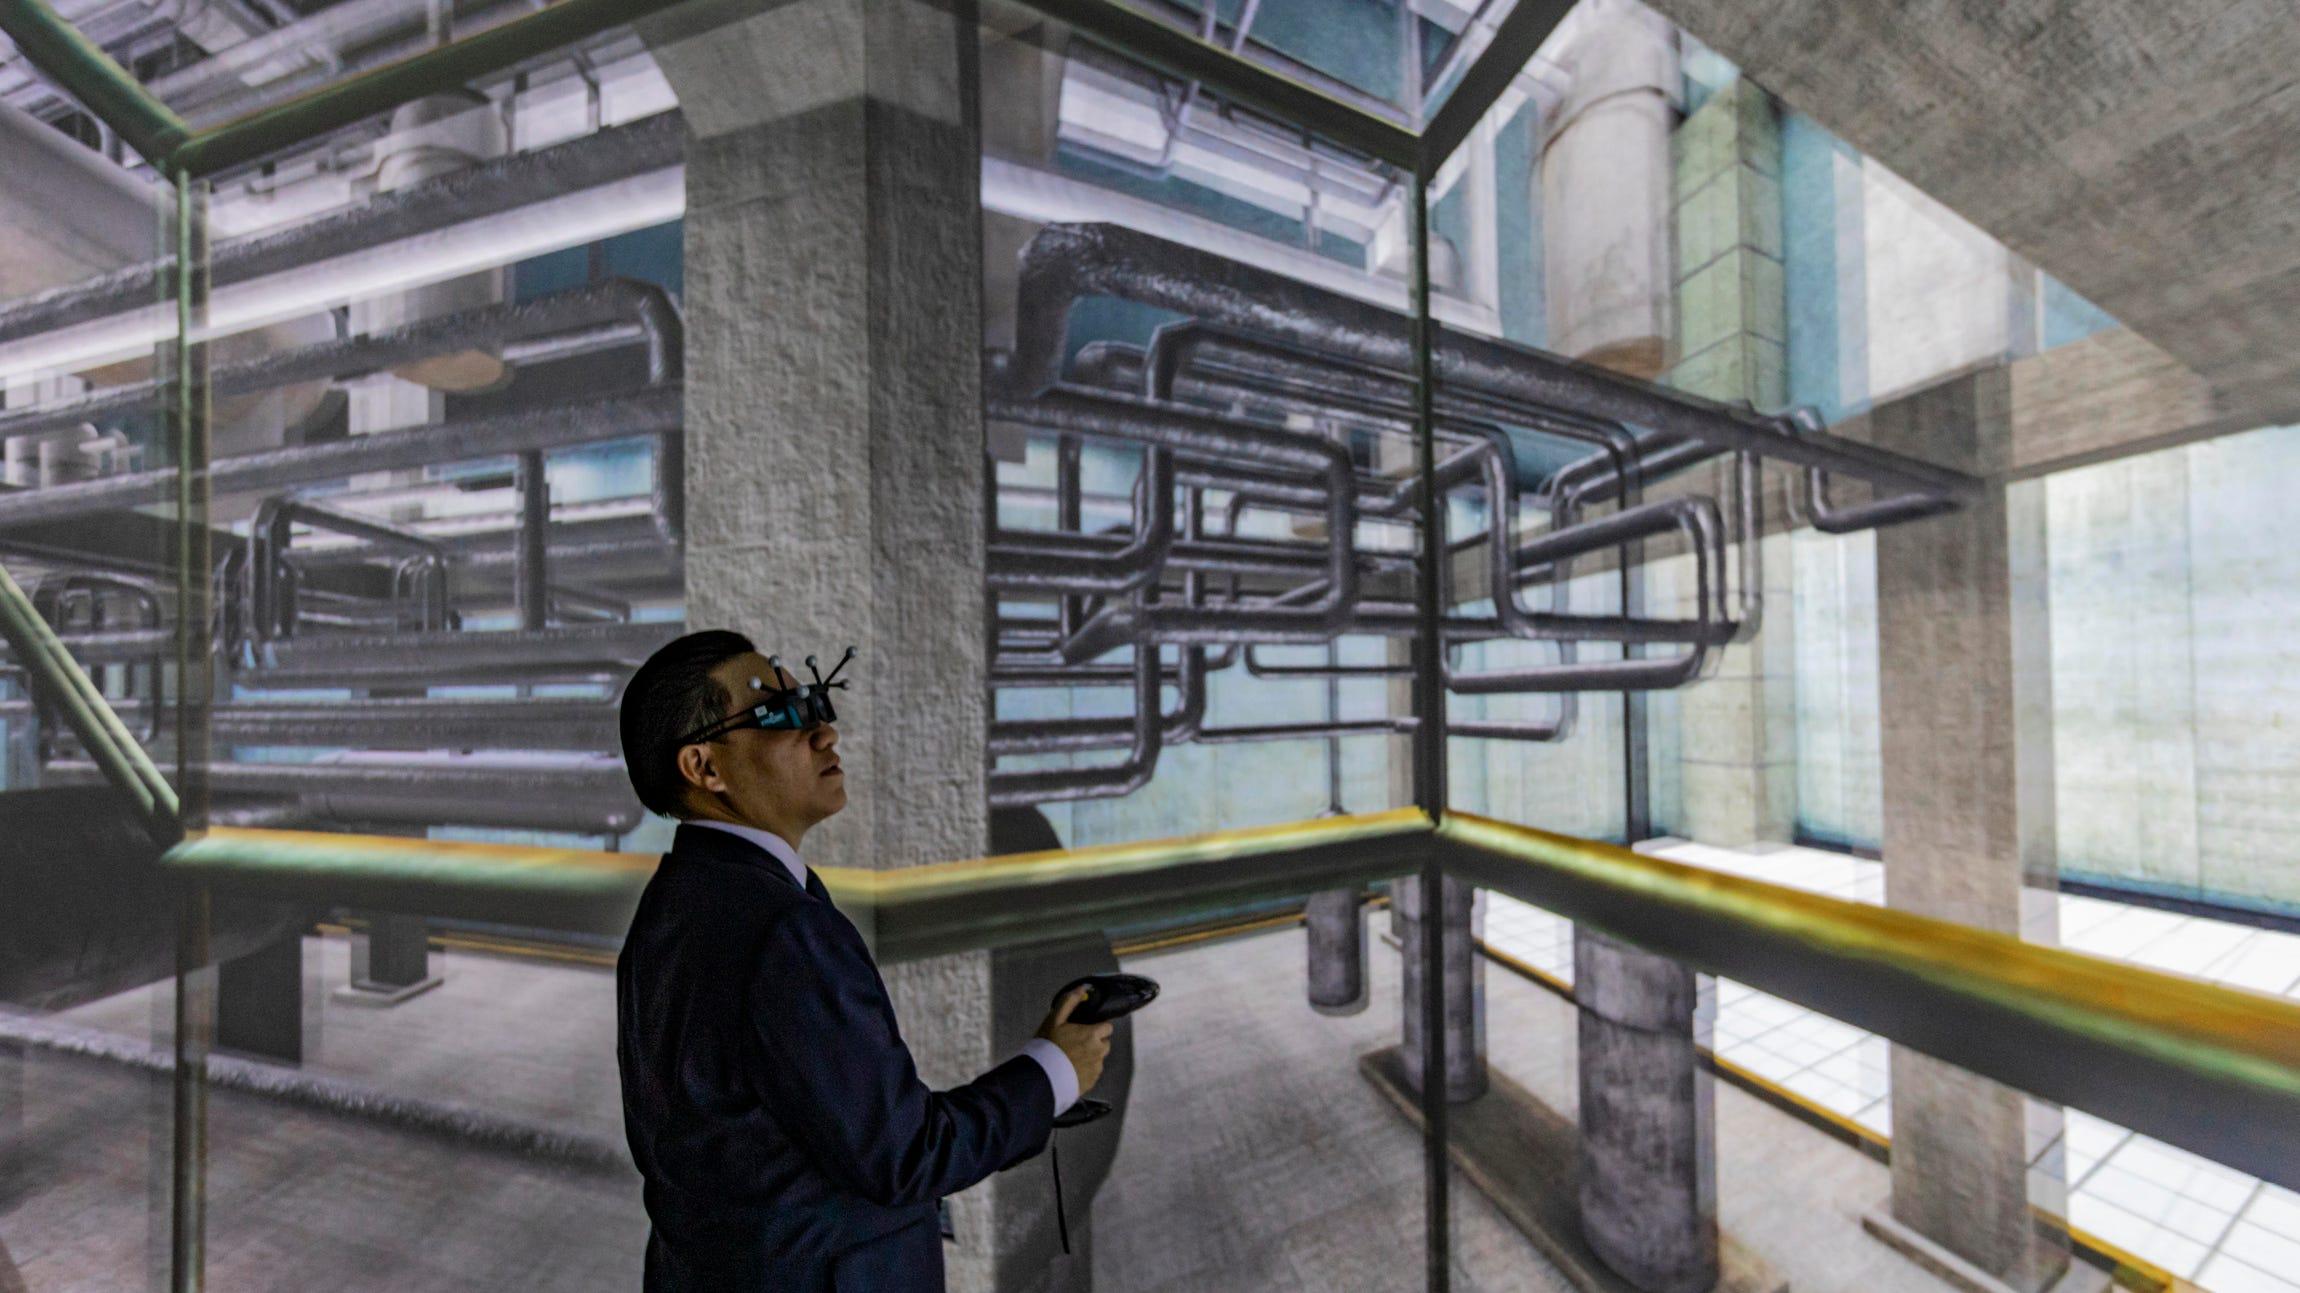 fukushima-daiichi-vr-virtual-reality-8726